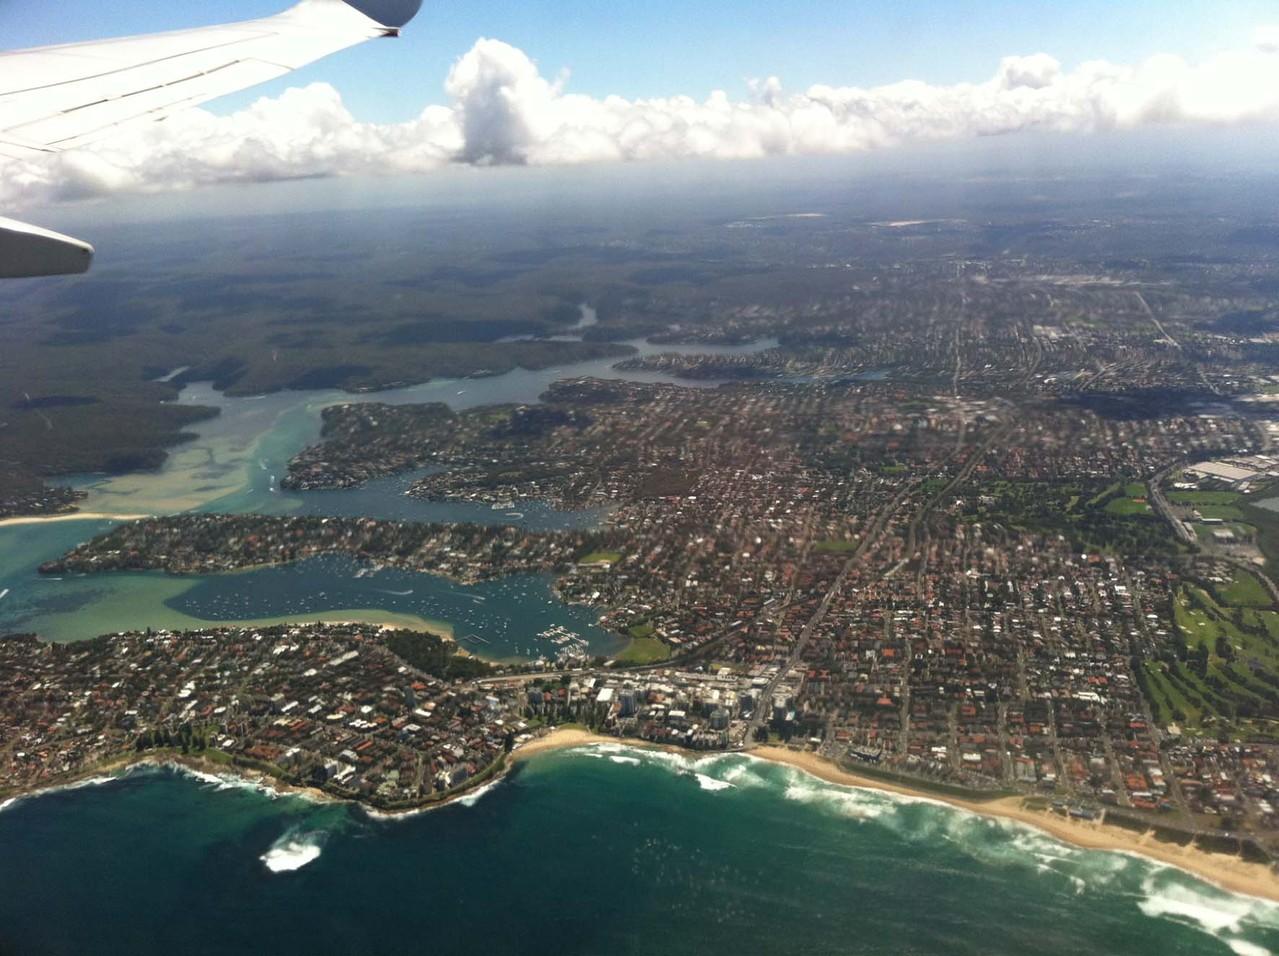 5. Etappe - Flug von Sydney nach Hobart (Tasmanien)